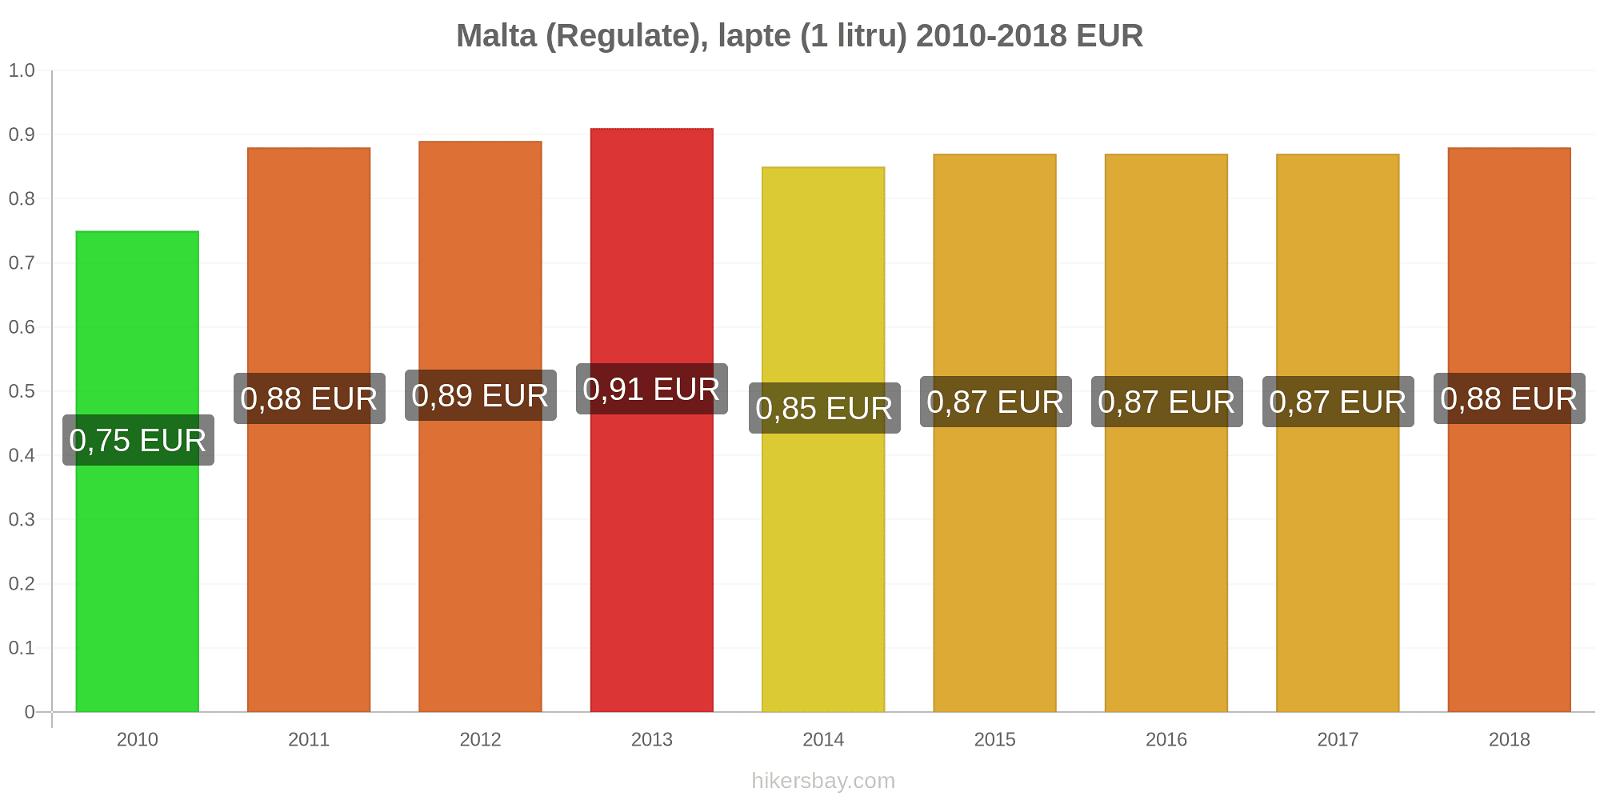 Malta modificări de preț (Regulate), lapte (1 litru) hikersbay.com